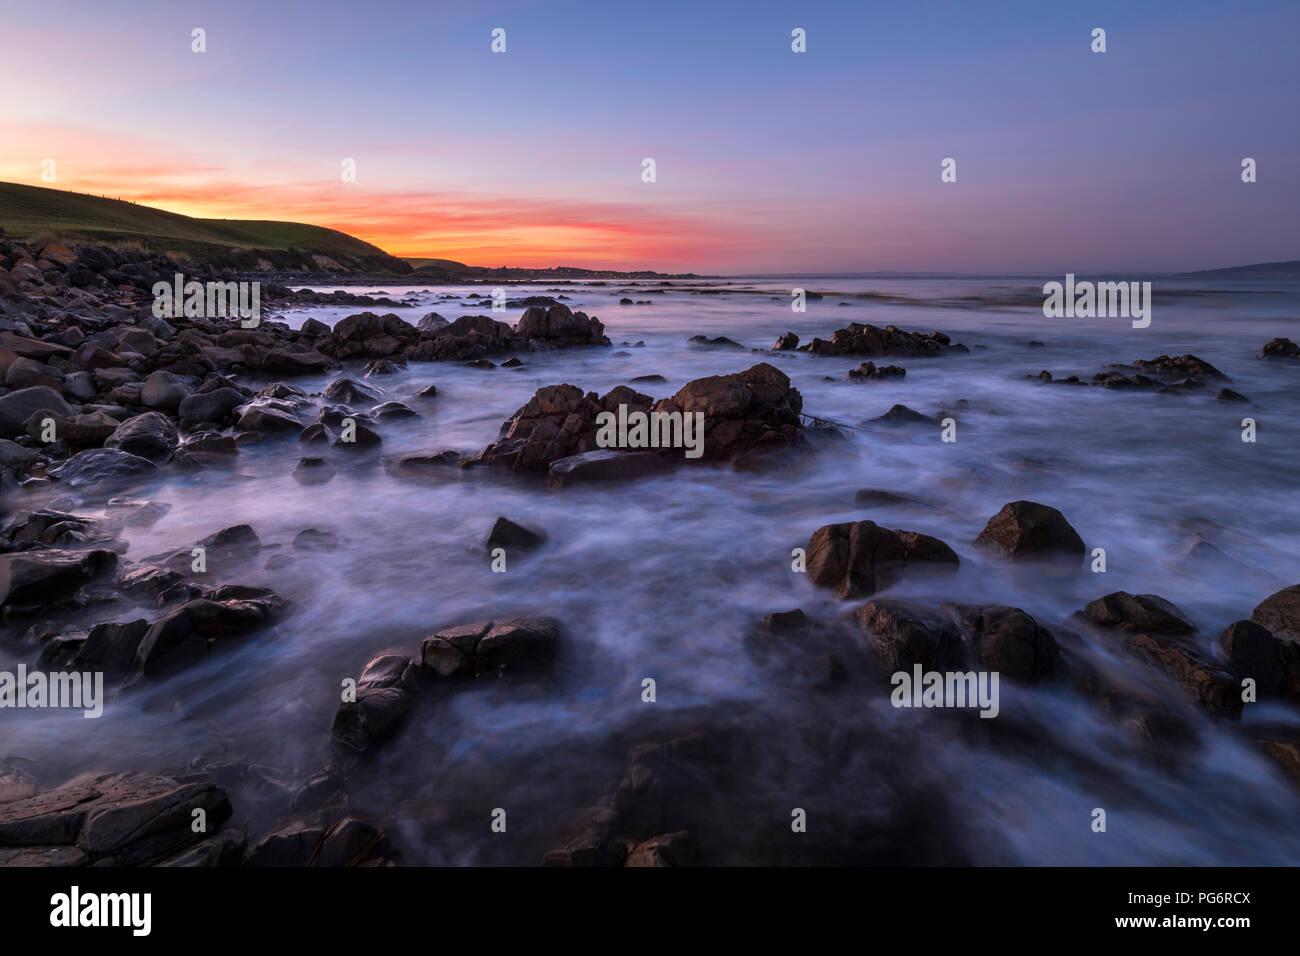 Nouvelle Zélande, île du Sud, le sud de l'itinéraire touristique, Catlins, coucher du soleil à Kaka Point Banque D'Images